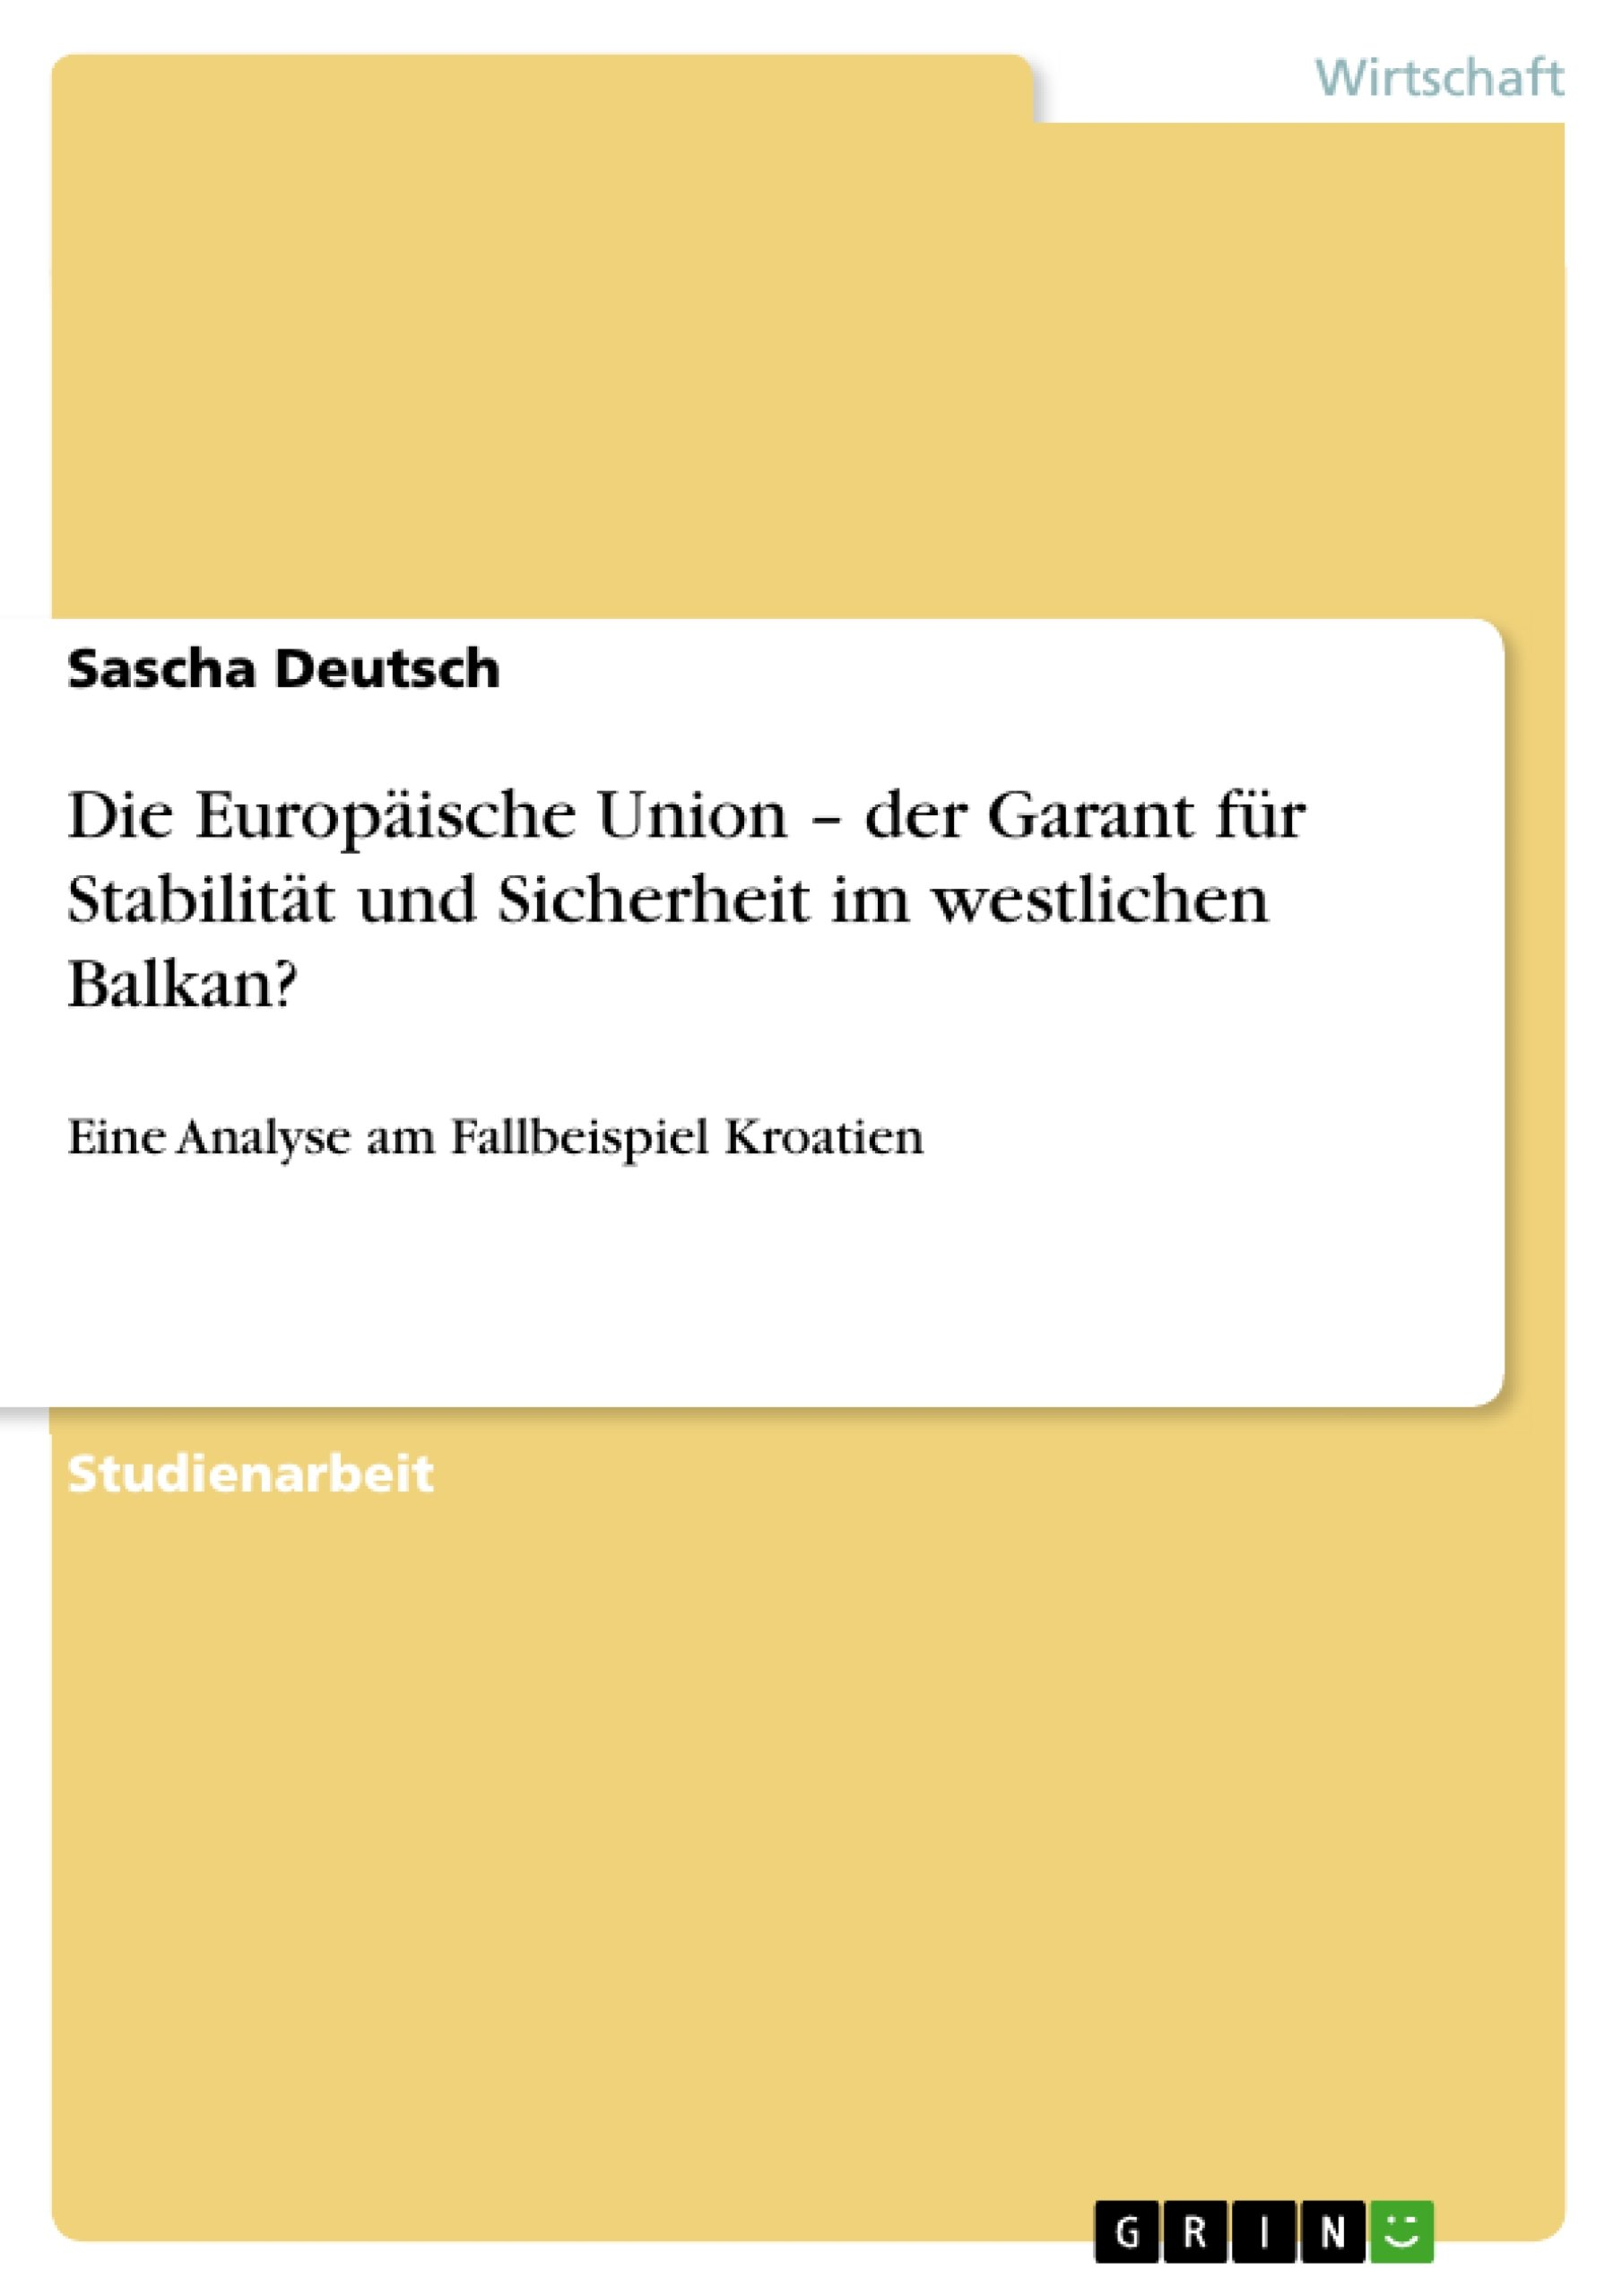 Die Europäische Union – der Garant für Stabilität und Sicherheit im westlichen Balkan?: Eine Analyse am Fallbeispiel Kroatien (German Edition)